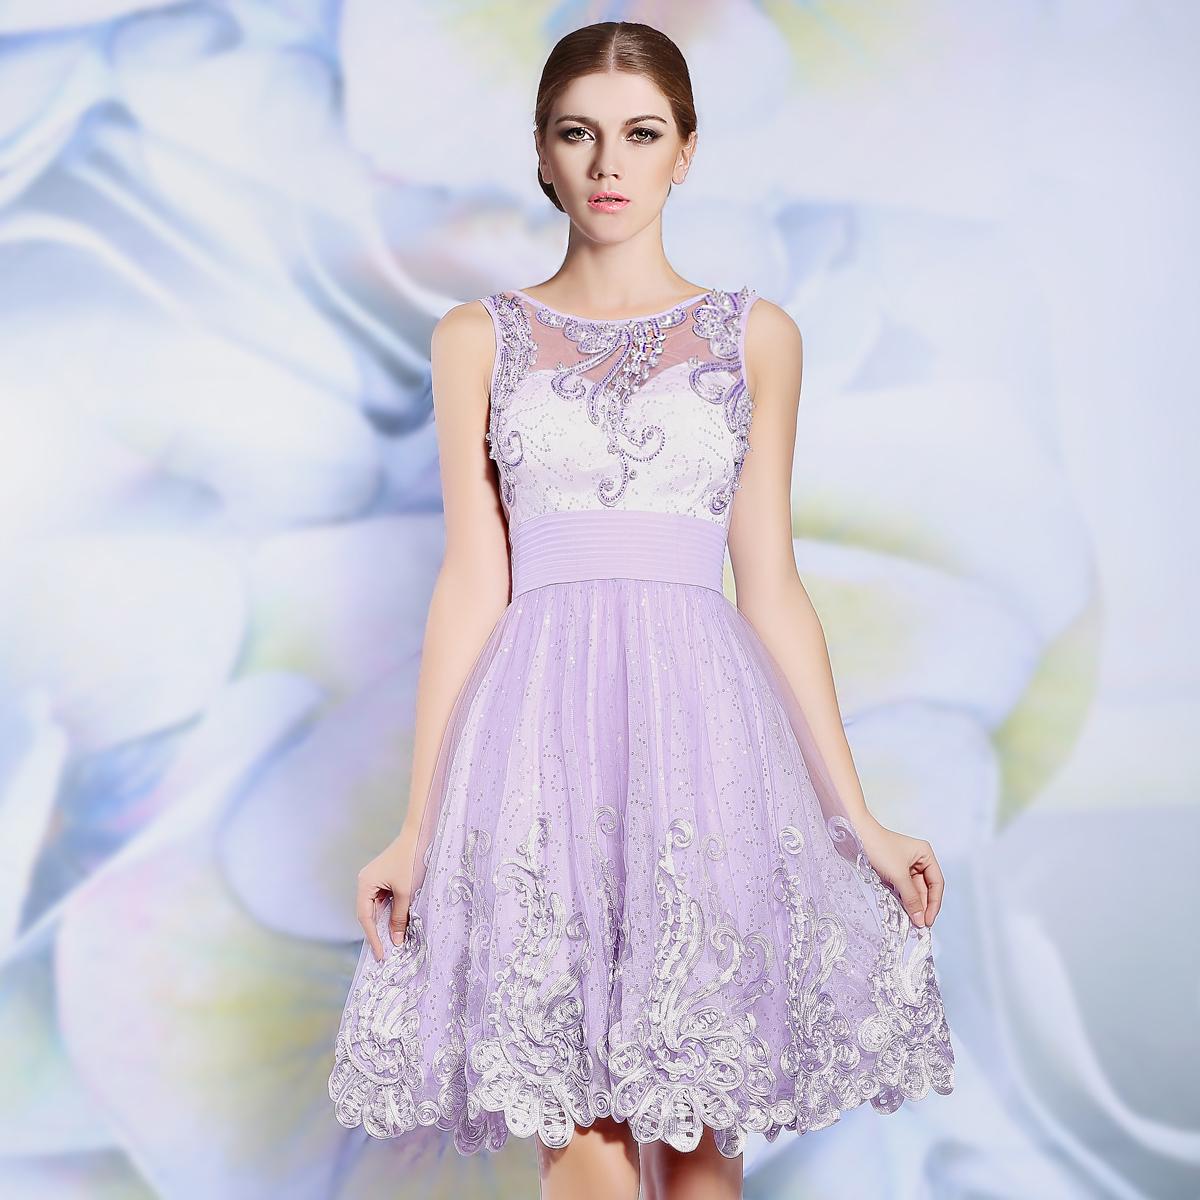 Вечернее платье Duoliqi a6143 2015 вечернее платье duoliqi 31208 2015